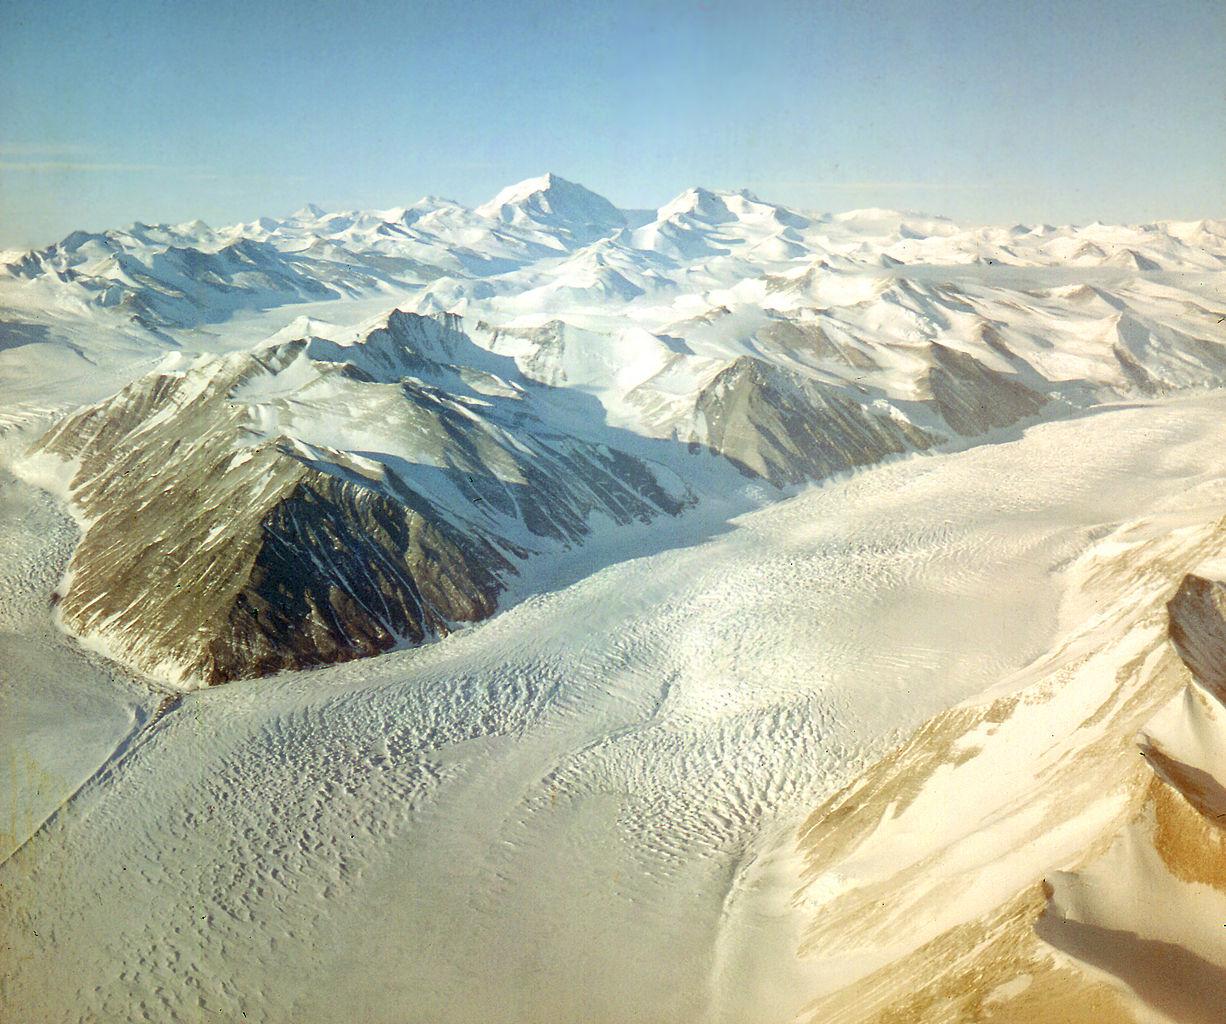 Beardmore Glacier - Antarctica.jpg